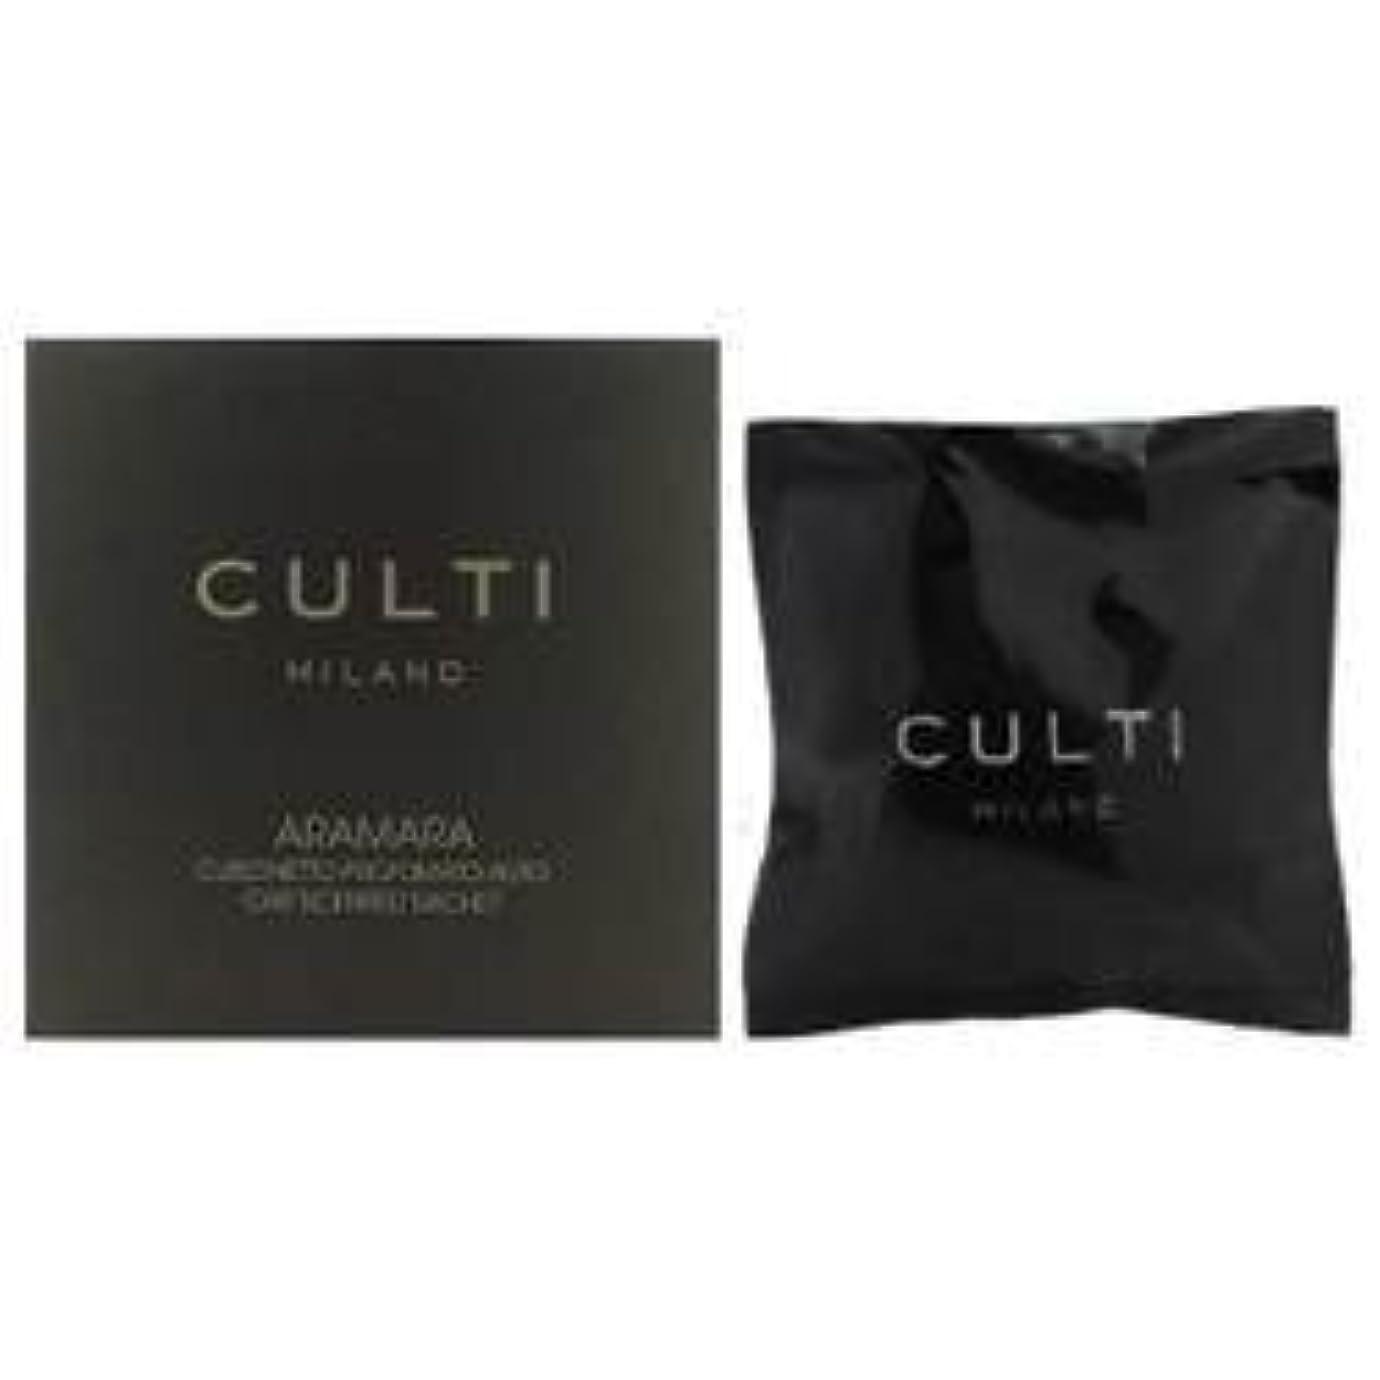 十年ペナルティ議会【CULTI】クルティ カーフレグランス ARAMARA 7×7cm [並行輸入品]